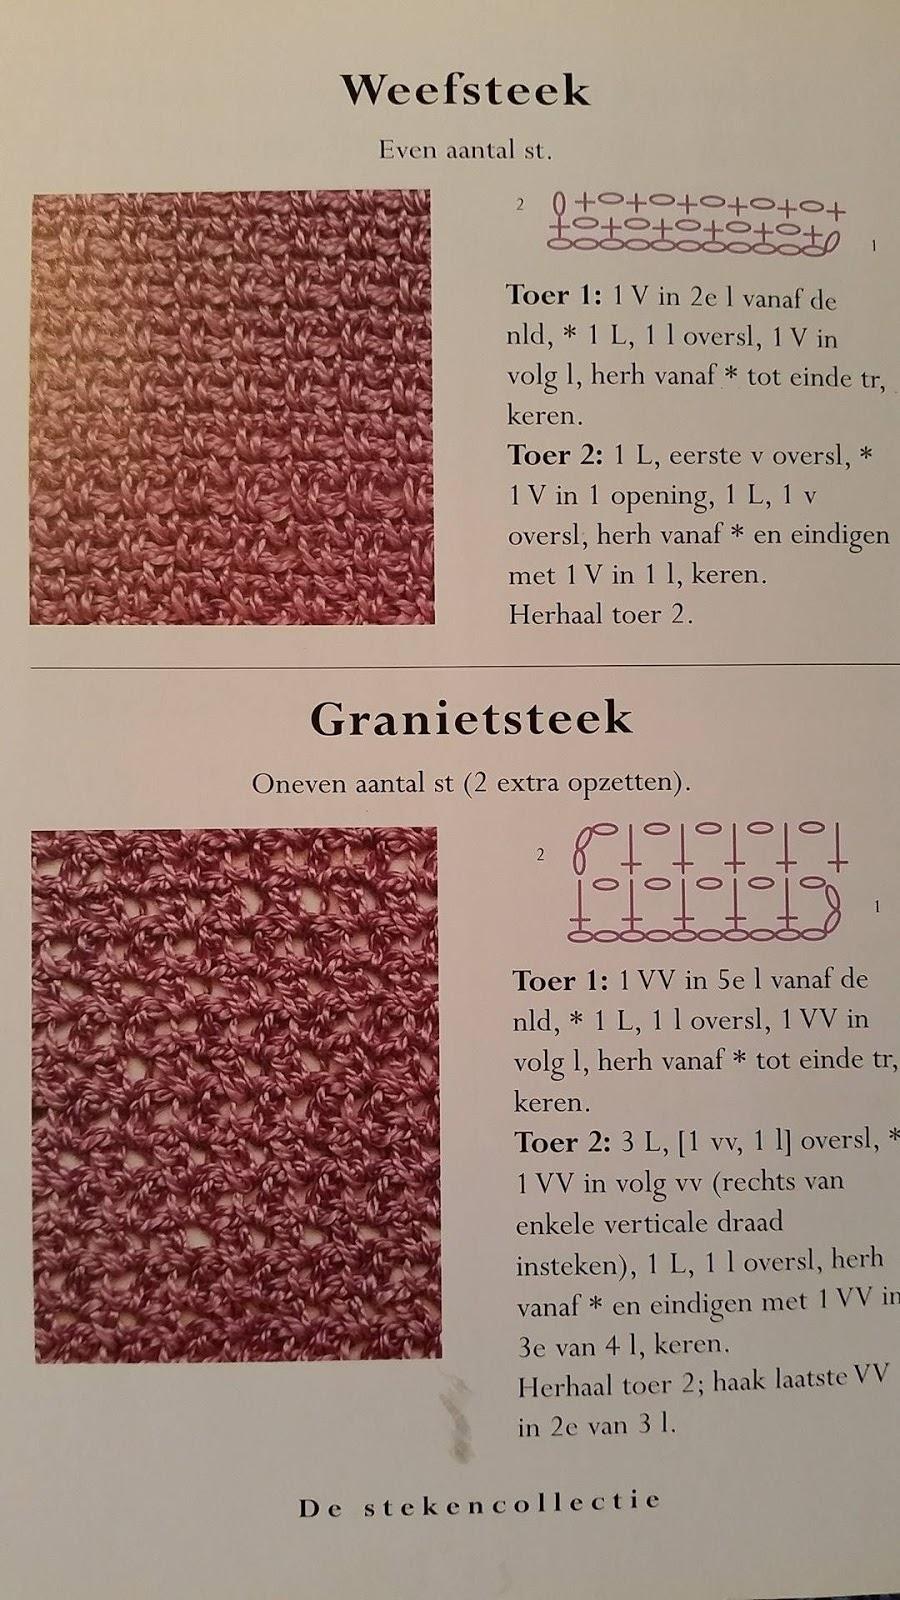 José Crochet Weefsteek Versus Granietsteek